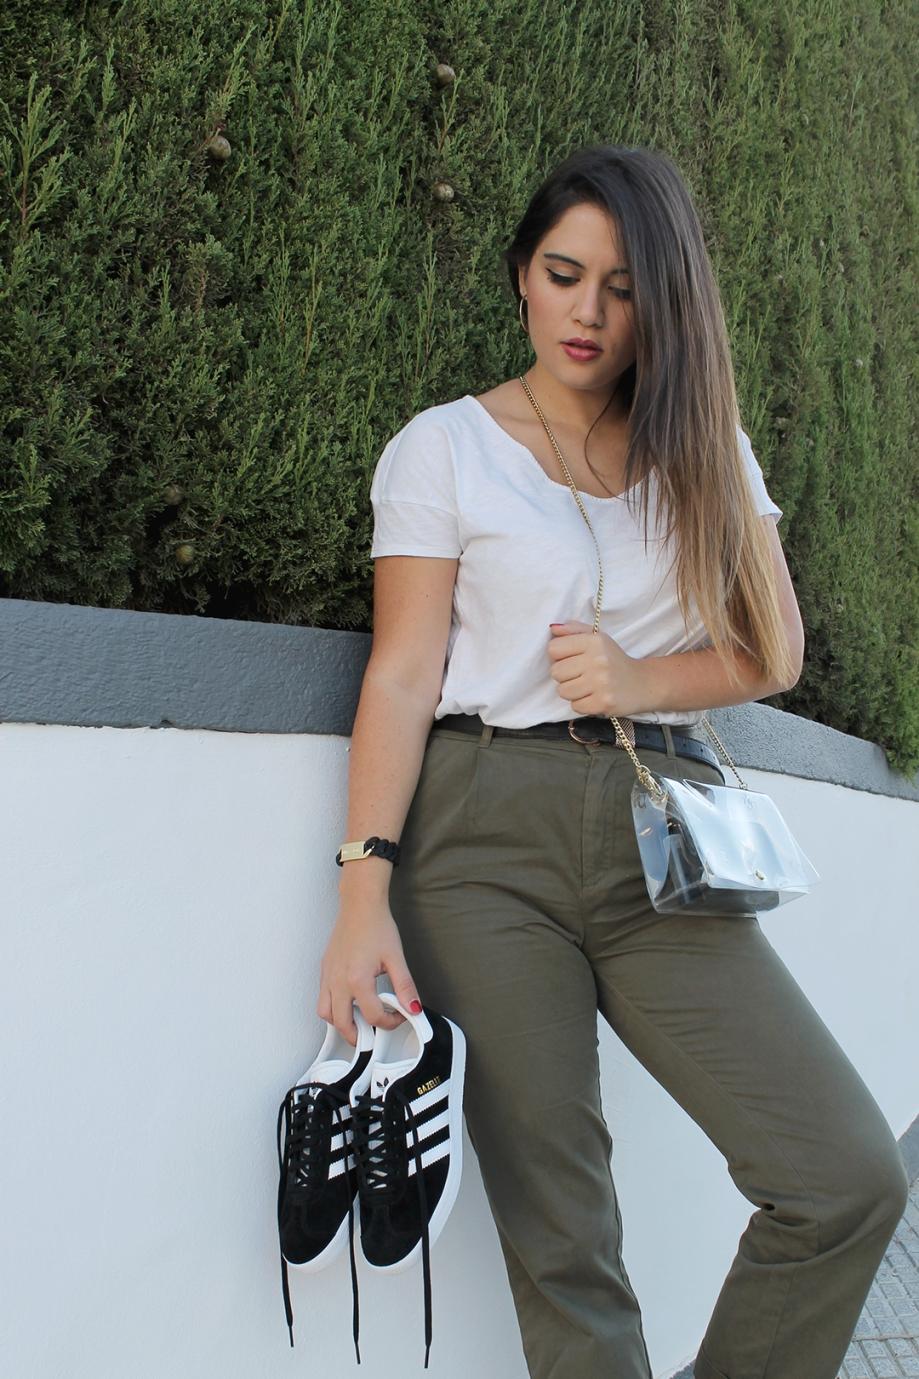 adidas_gazelle_4